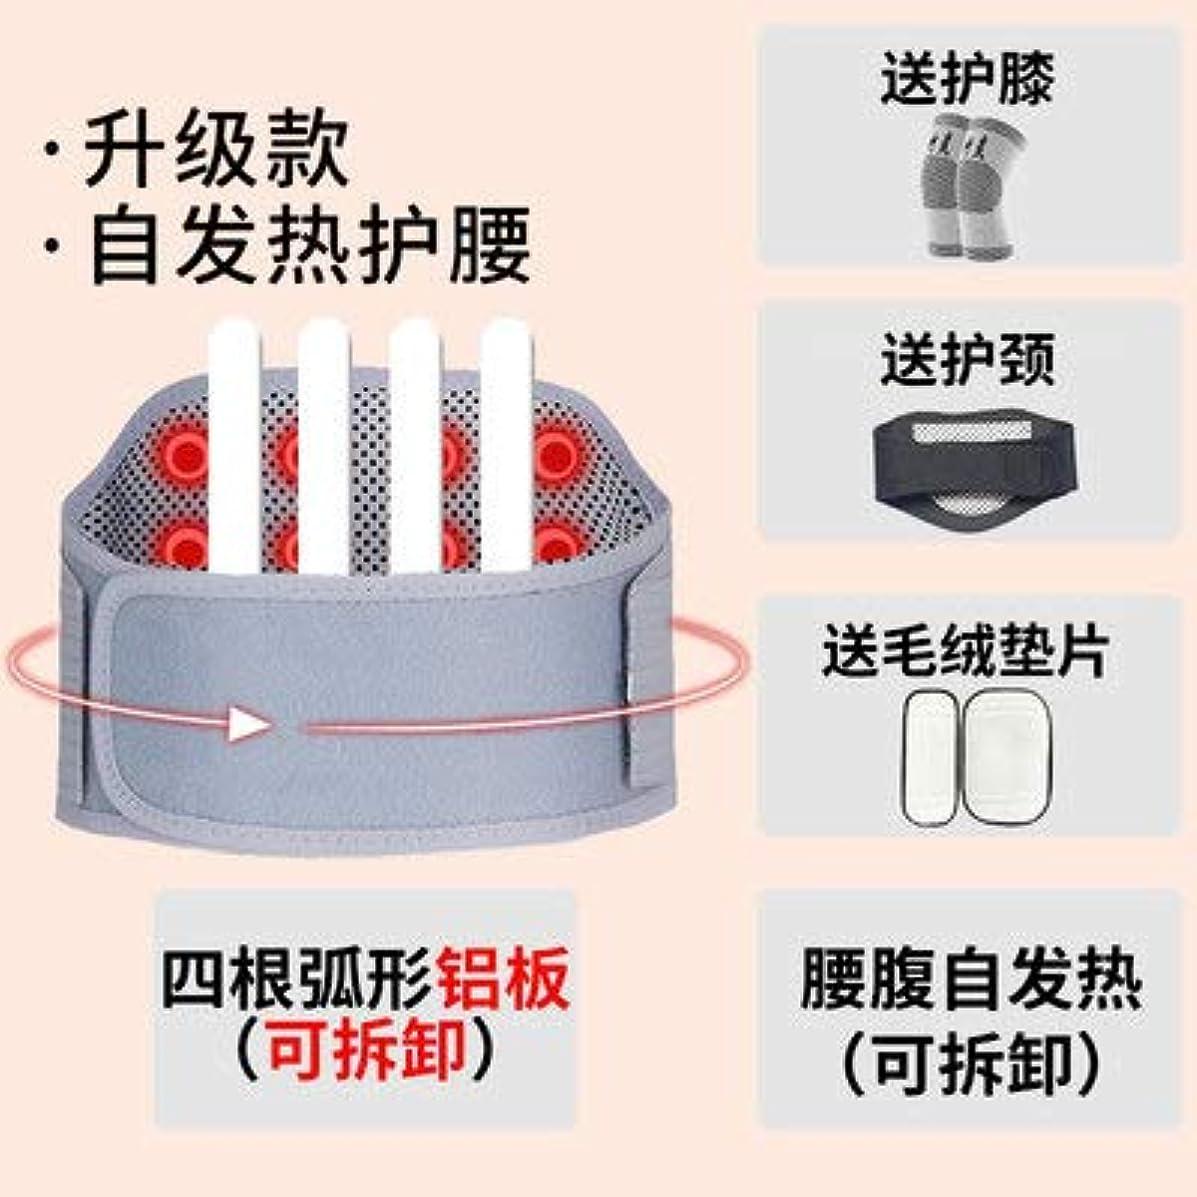 熱の磁力でベルトの腰の間の皿の損をして腰の椎皿を損して腰を突き出して腰を突き出して男女の保温防寒の腰の痛みの保健 [並行輸入品]